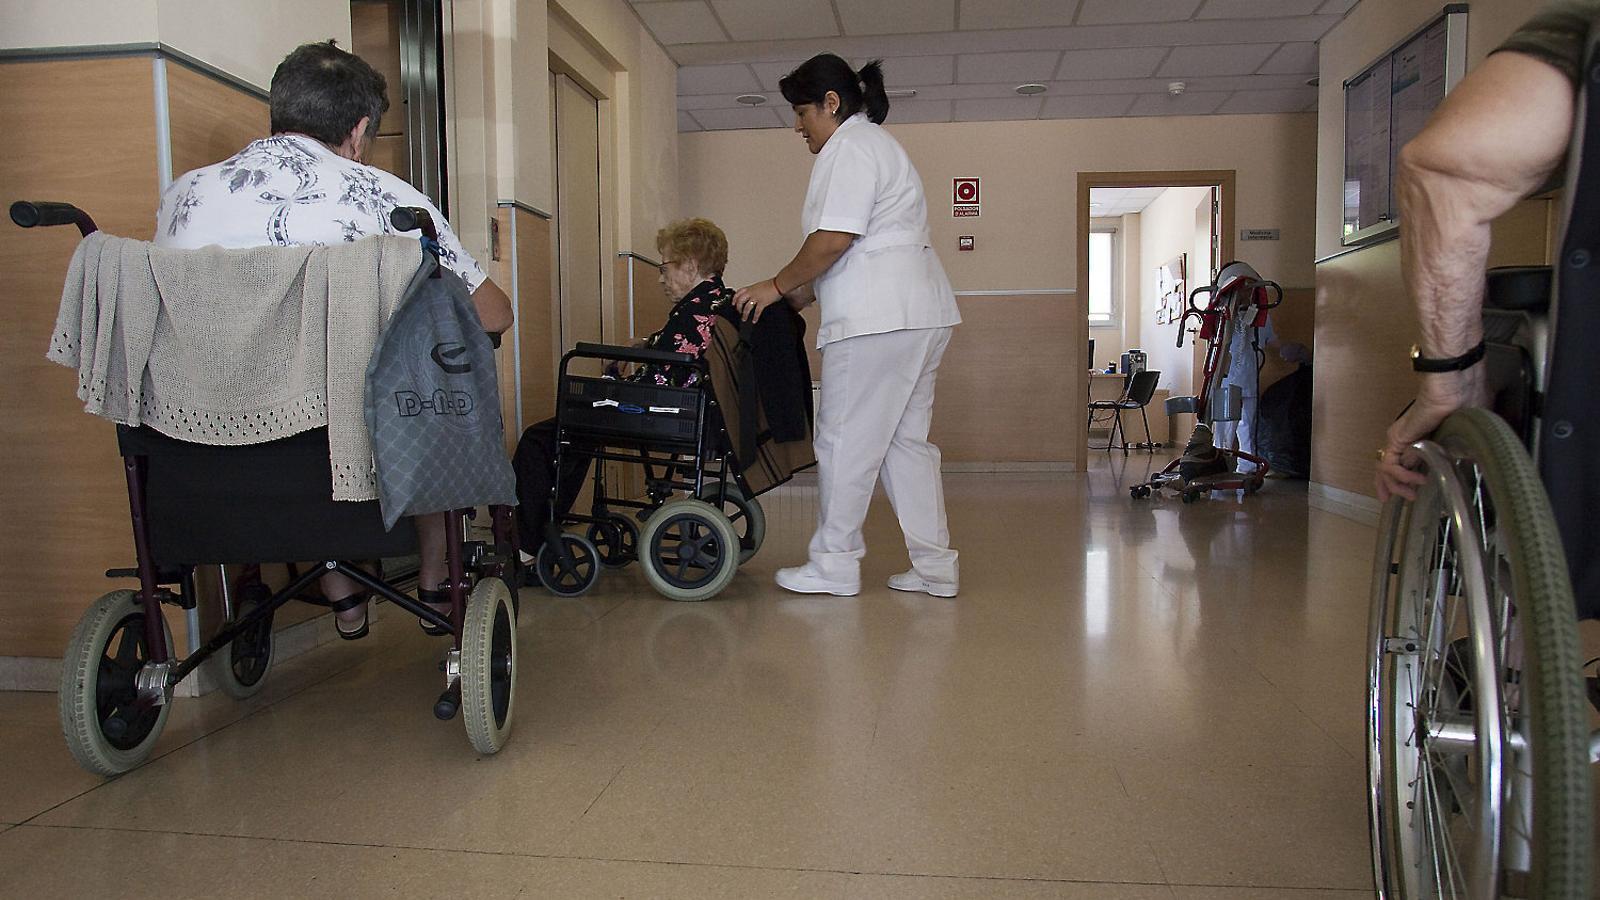 Un 60% de les residències suspenen l'actuació de l'administració durant la pandèmia